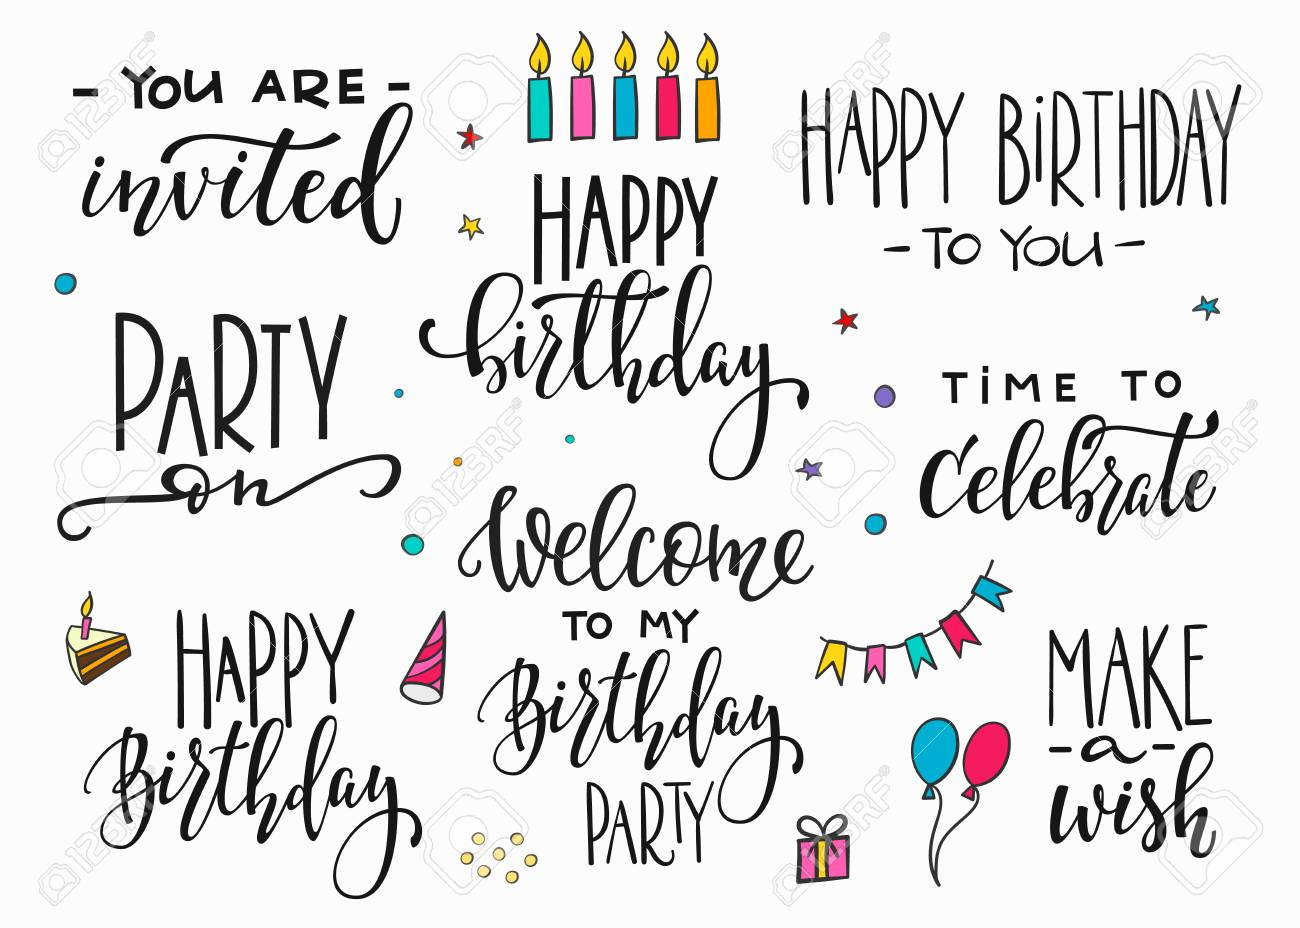 Feliz Cumpleaños Fiesta Letras Signo Citar Tipografía Conjunto Diseño De Caligrafía Para Gráficos De Carteles Postales Elemento De La Tarjeta De Muestra De Pincel Vector Simple Color Decoración Globo De Pastel De